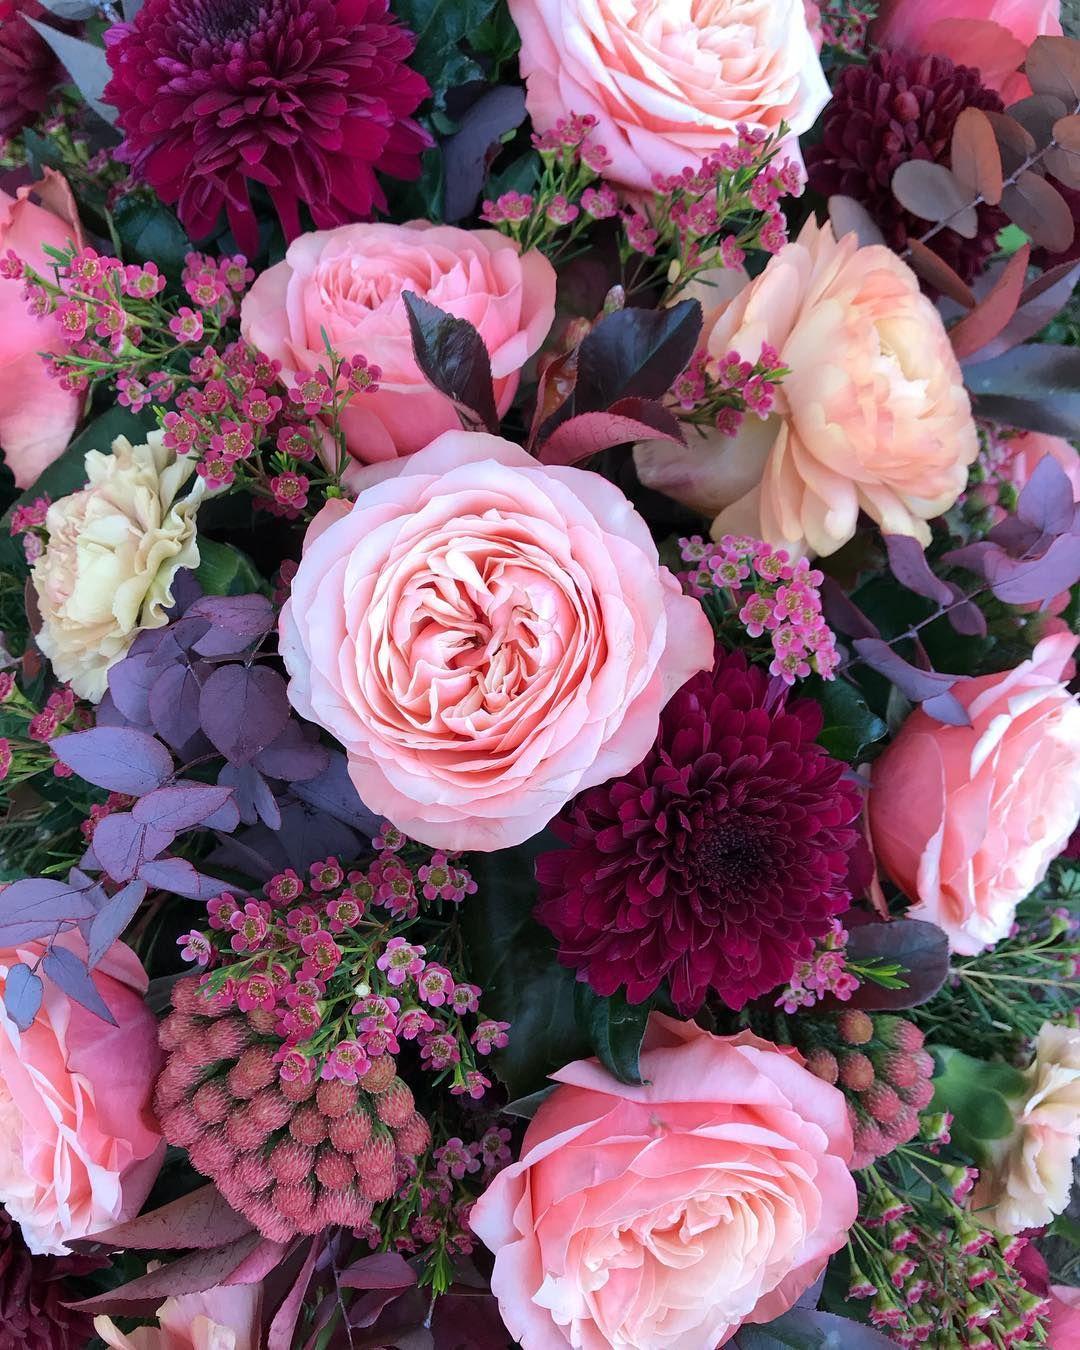 justin vo love flowers blumen pinterest blumen ranunkel und bl ten. Black Bedroom Furniture Sets. Home Design Ideas